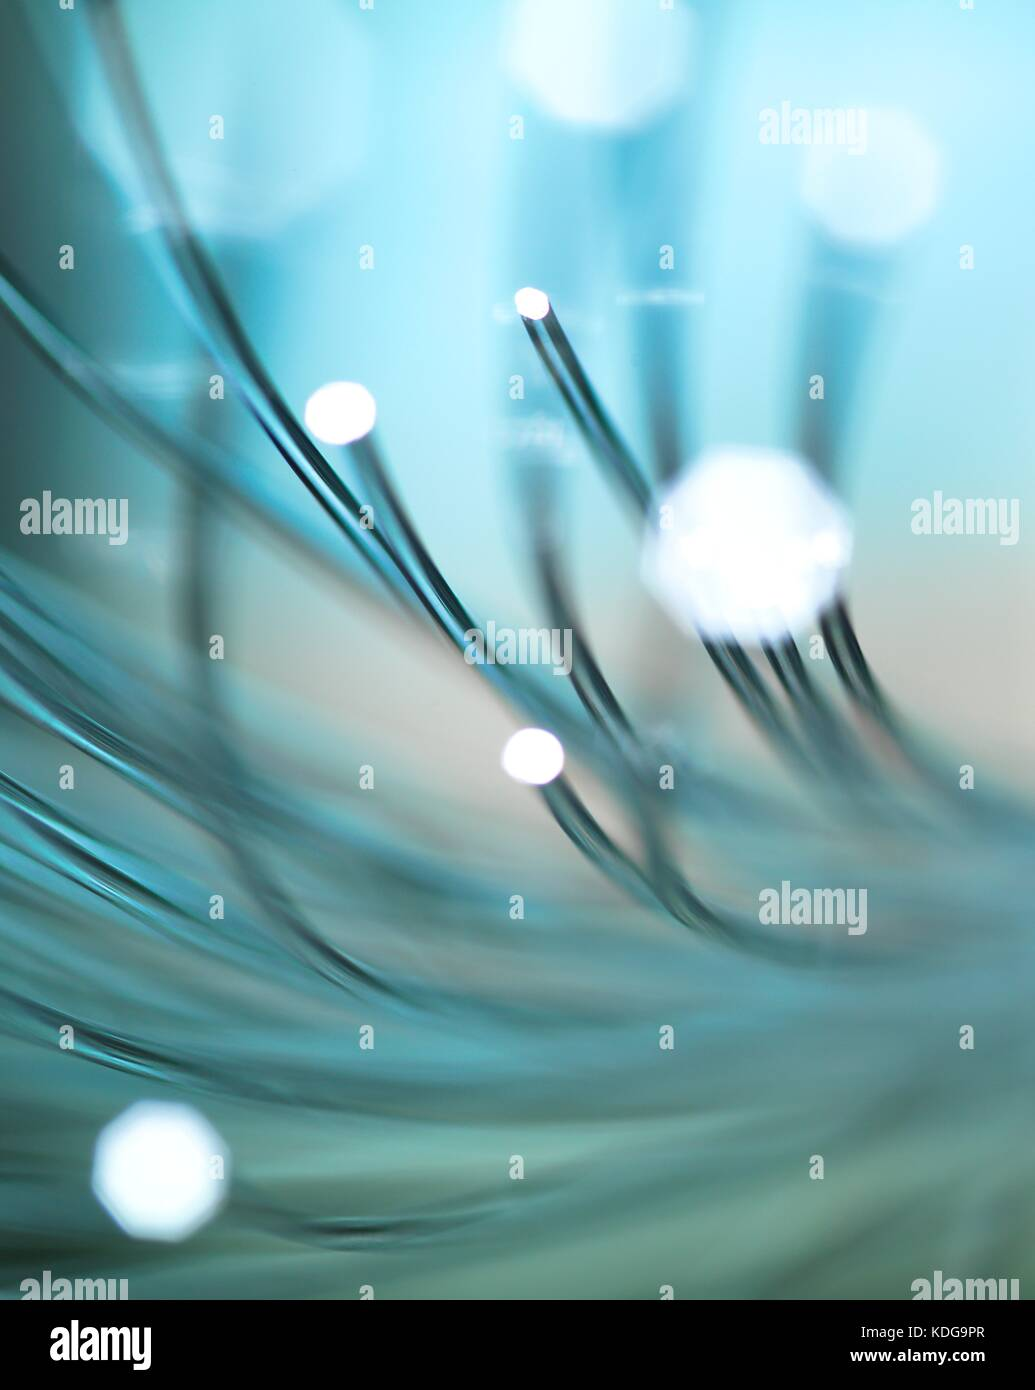 La fibre optique permet de transporter de gros volumes de données. Photo Stock